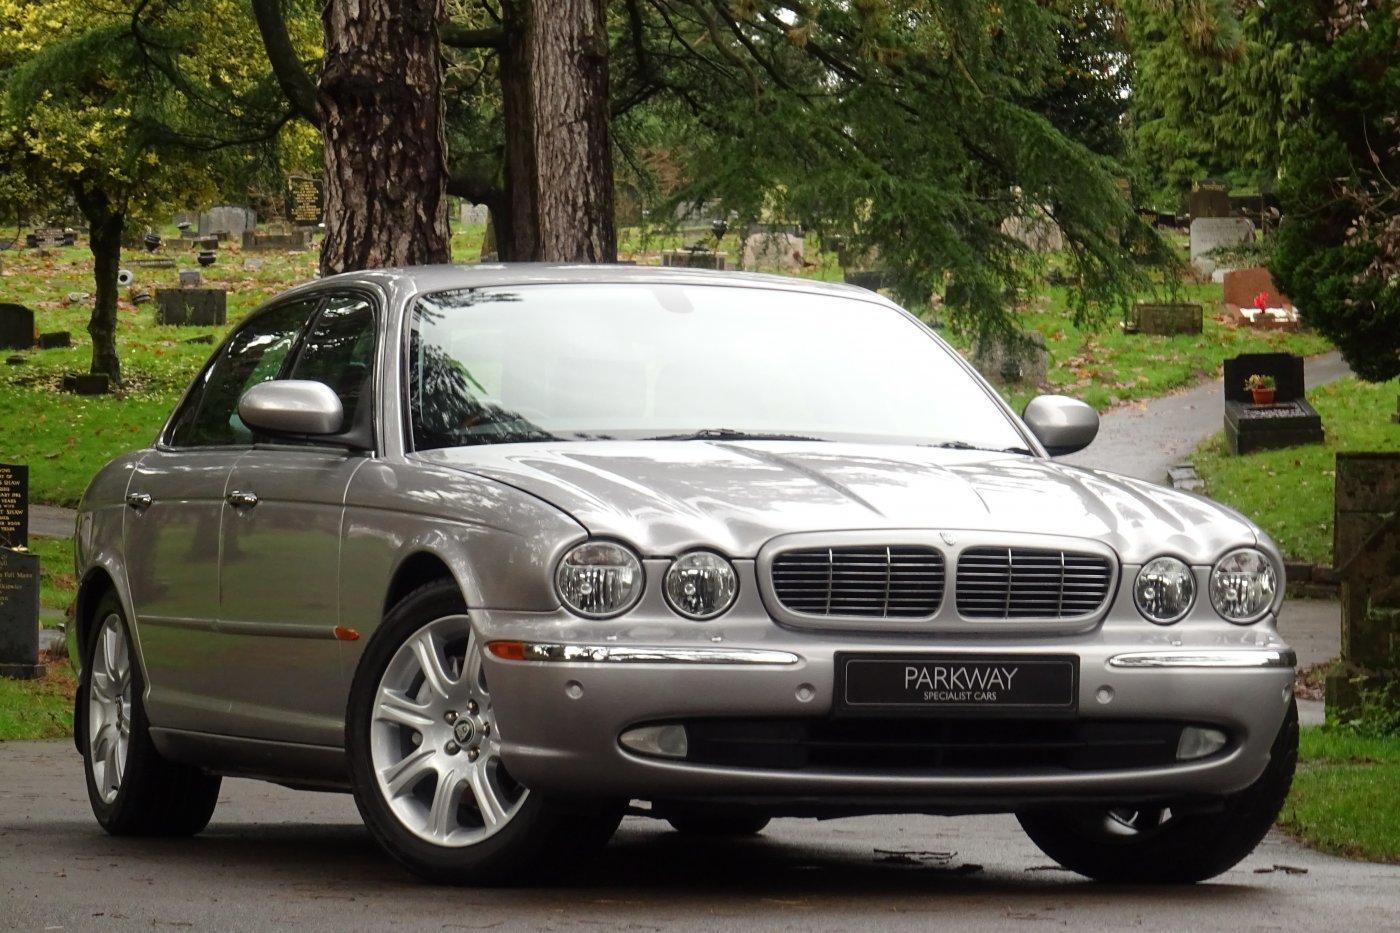 2005 JAGUAR XJ8 V8 SOVEREIGN 4DR LWB For Sale (picture 3 of 6)